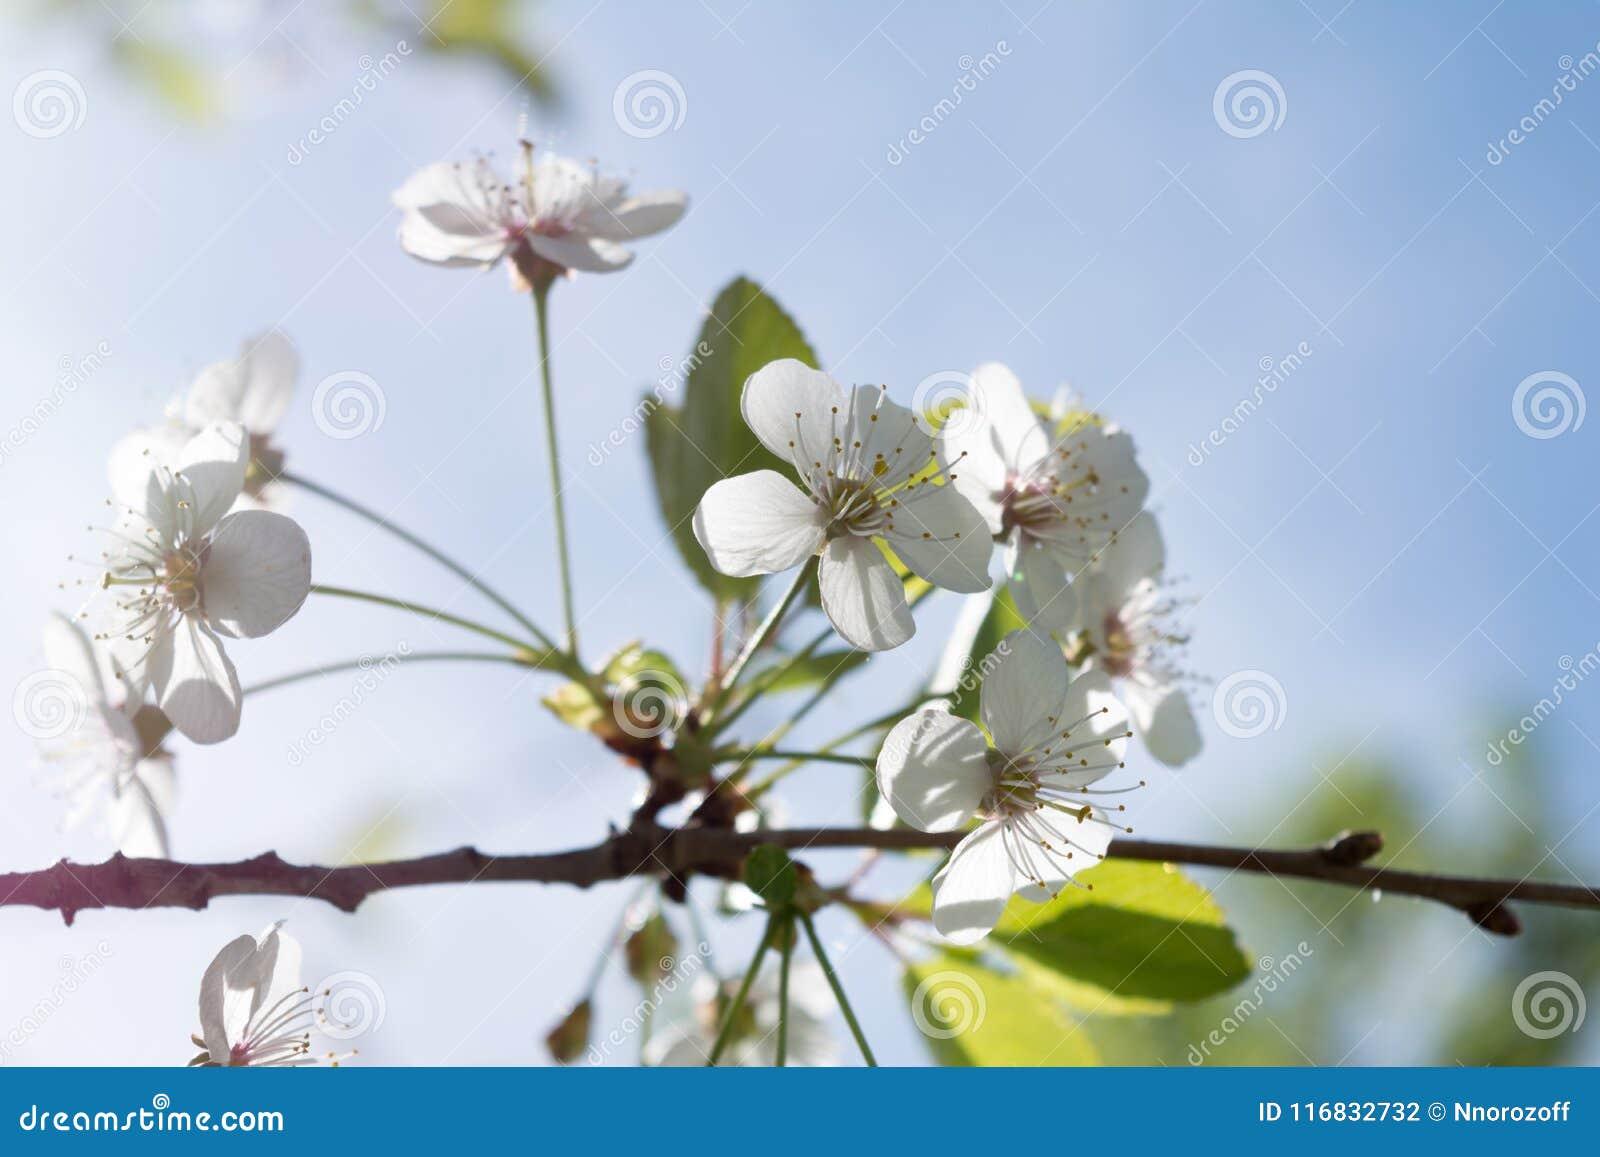 Ramo di di melo con i fiori bianchi e le foglie verdi, un albero di fioritura del giardino, fondo della natura